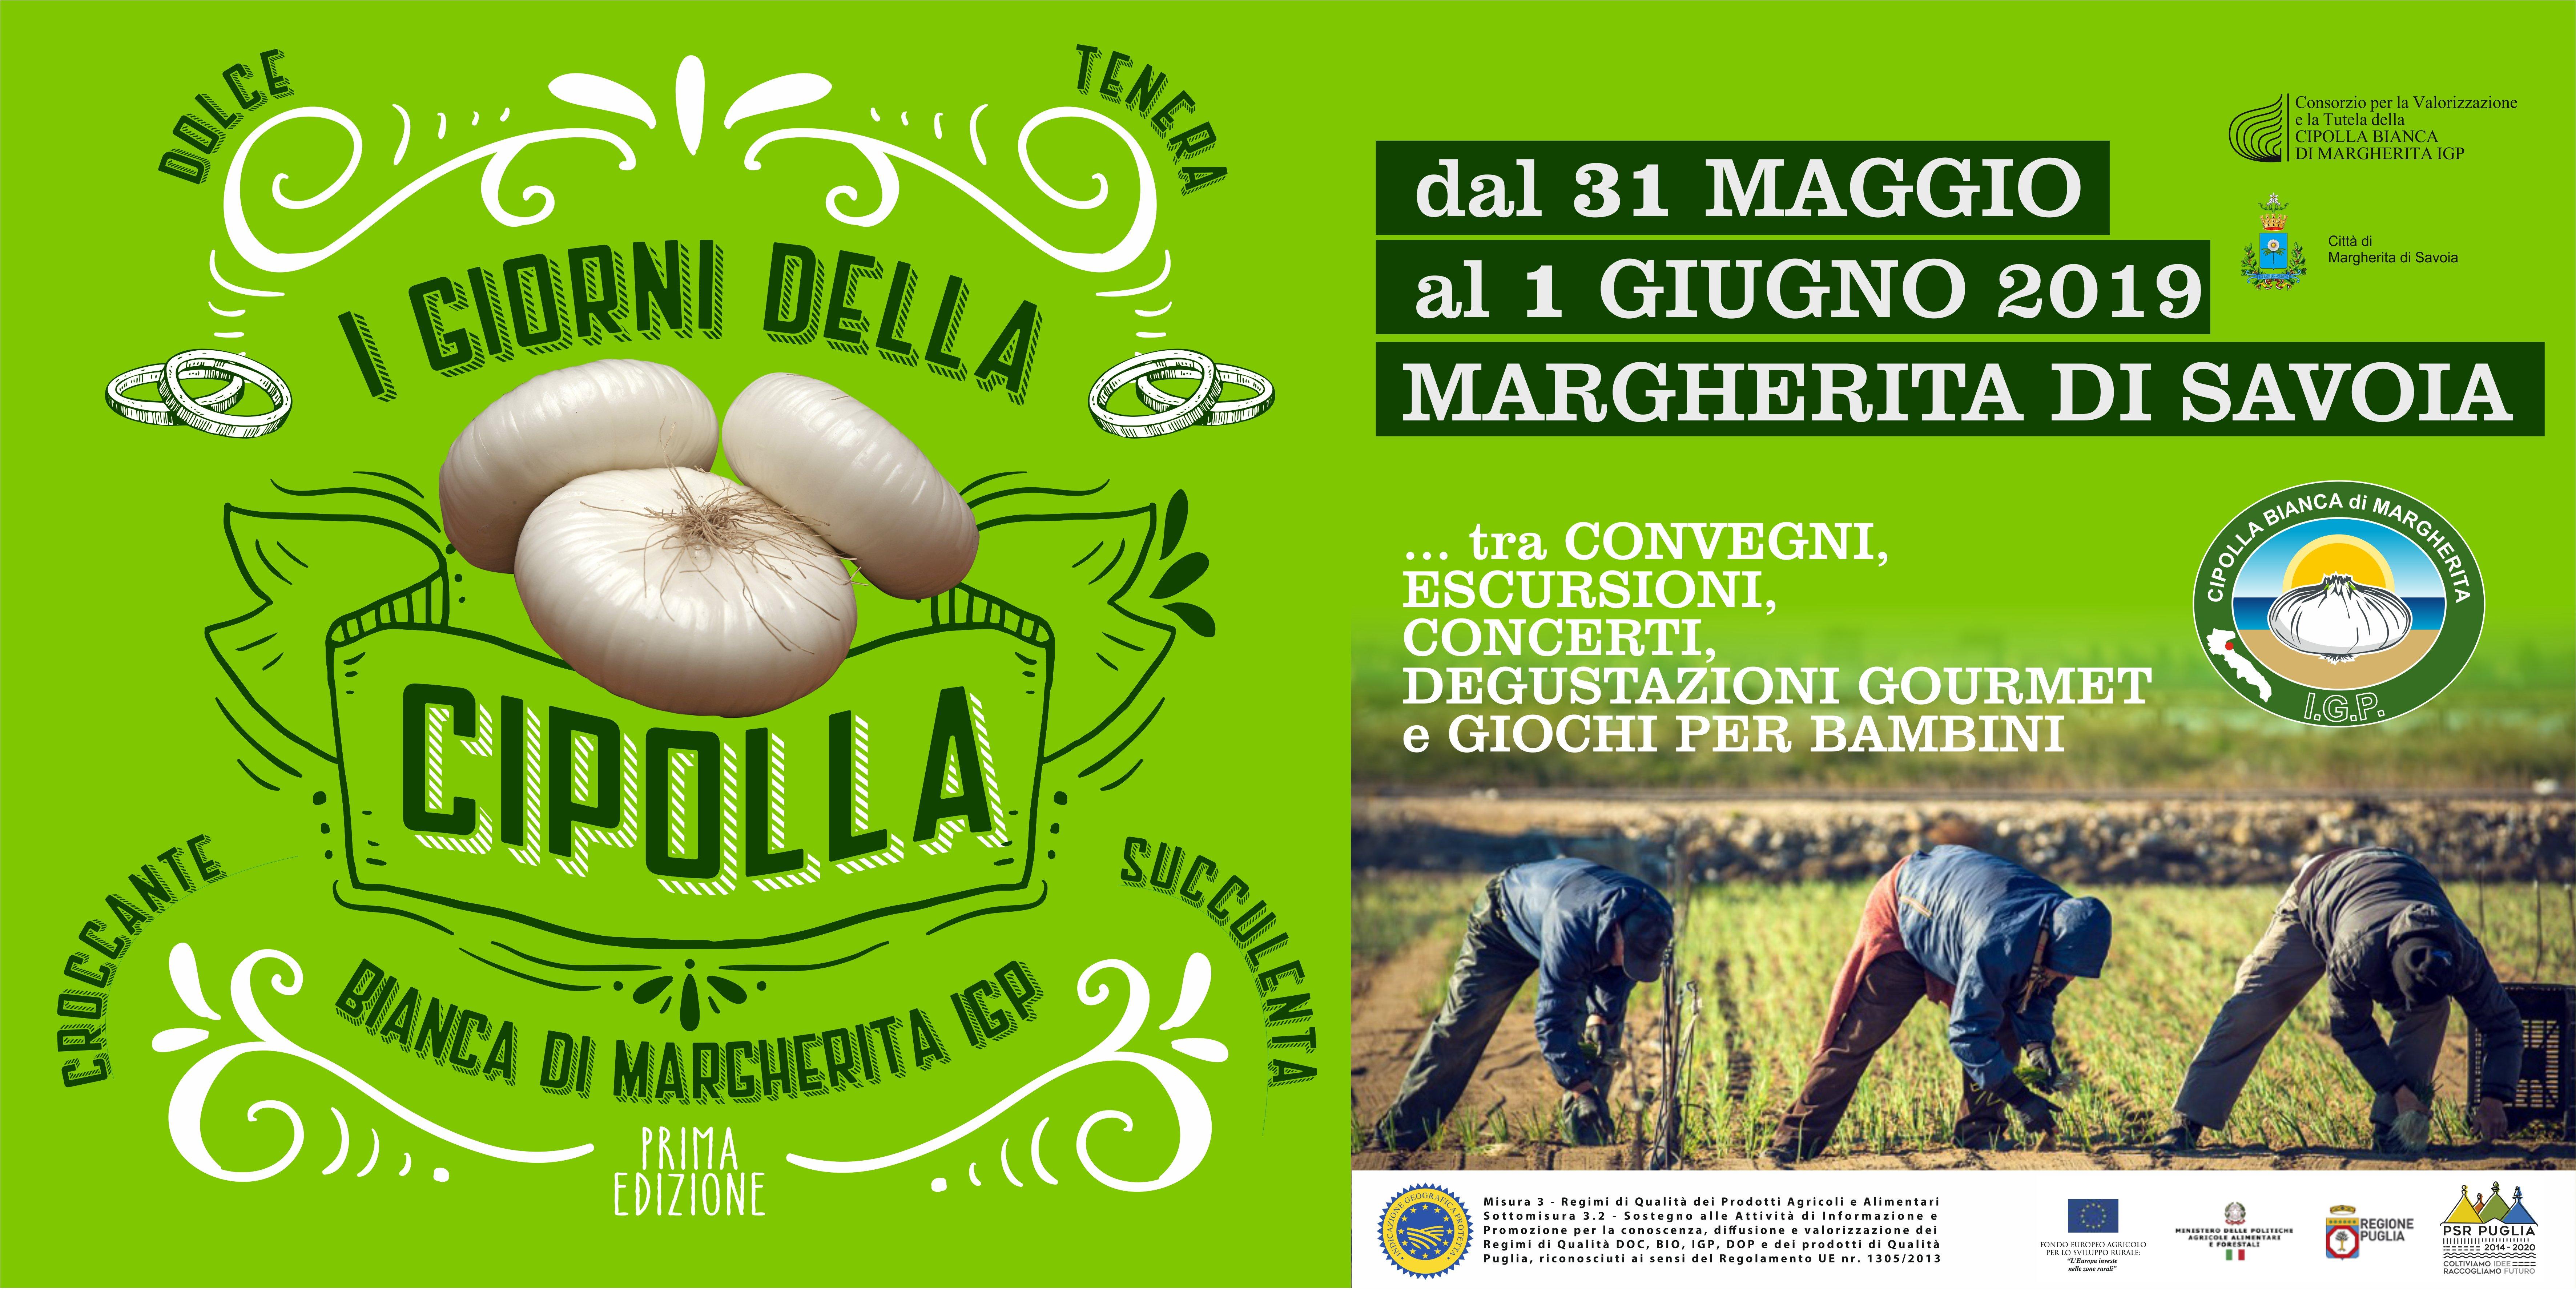 Festa della Cipolla di Margherita IGP